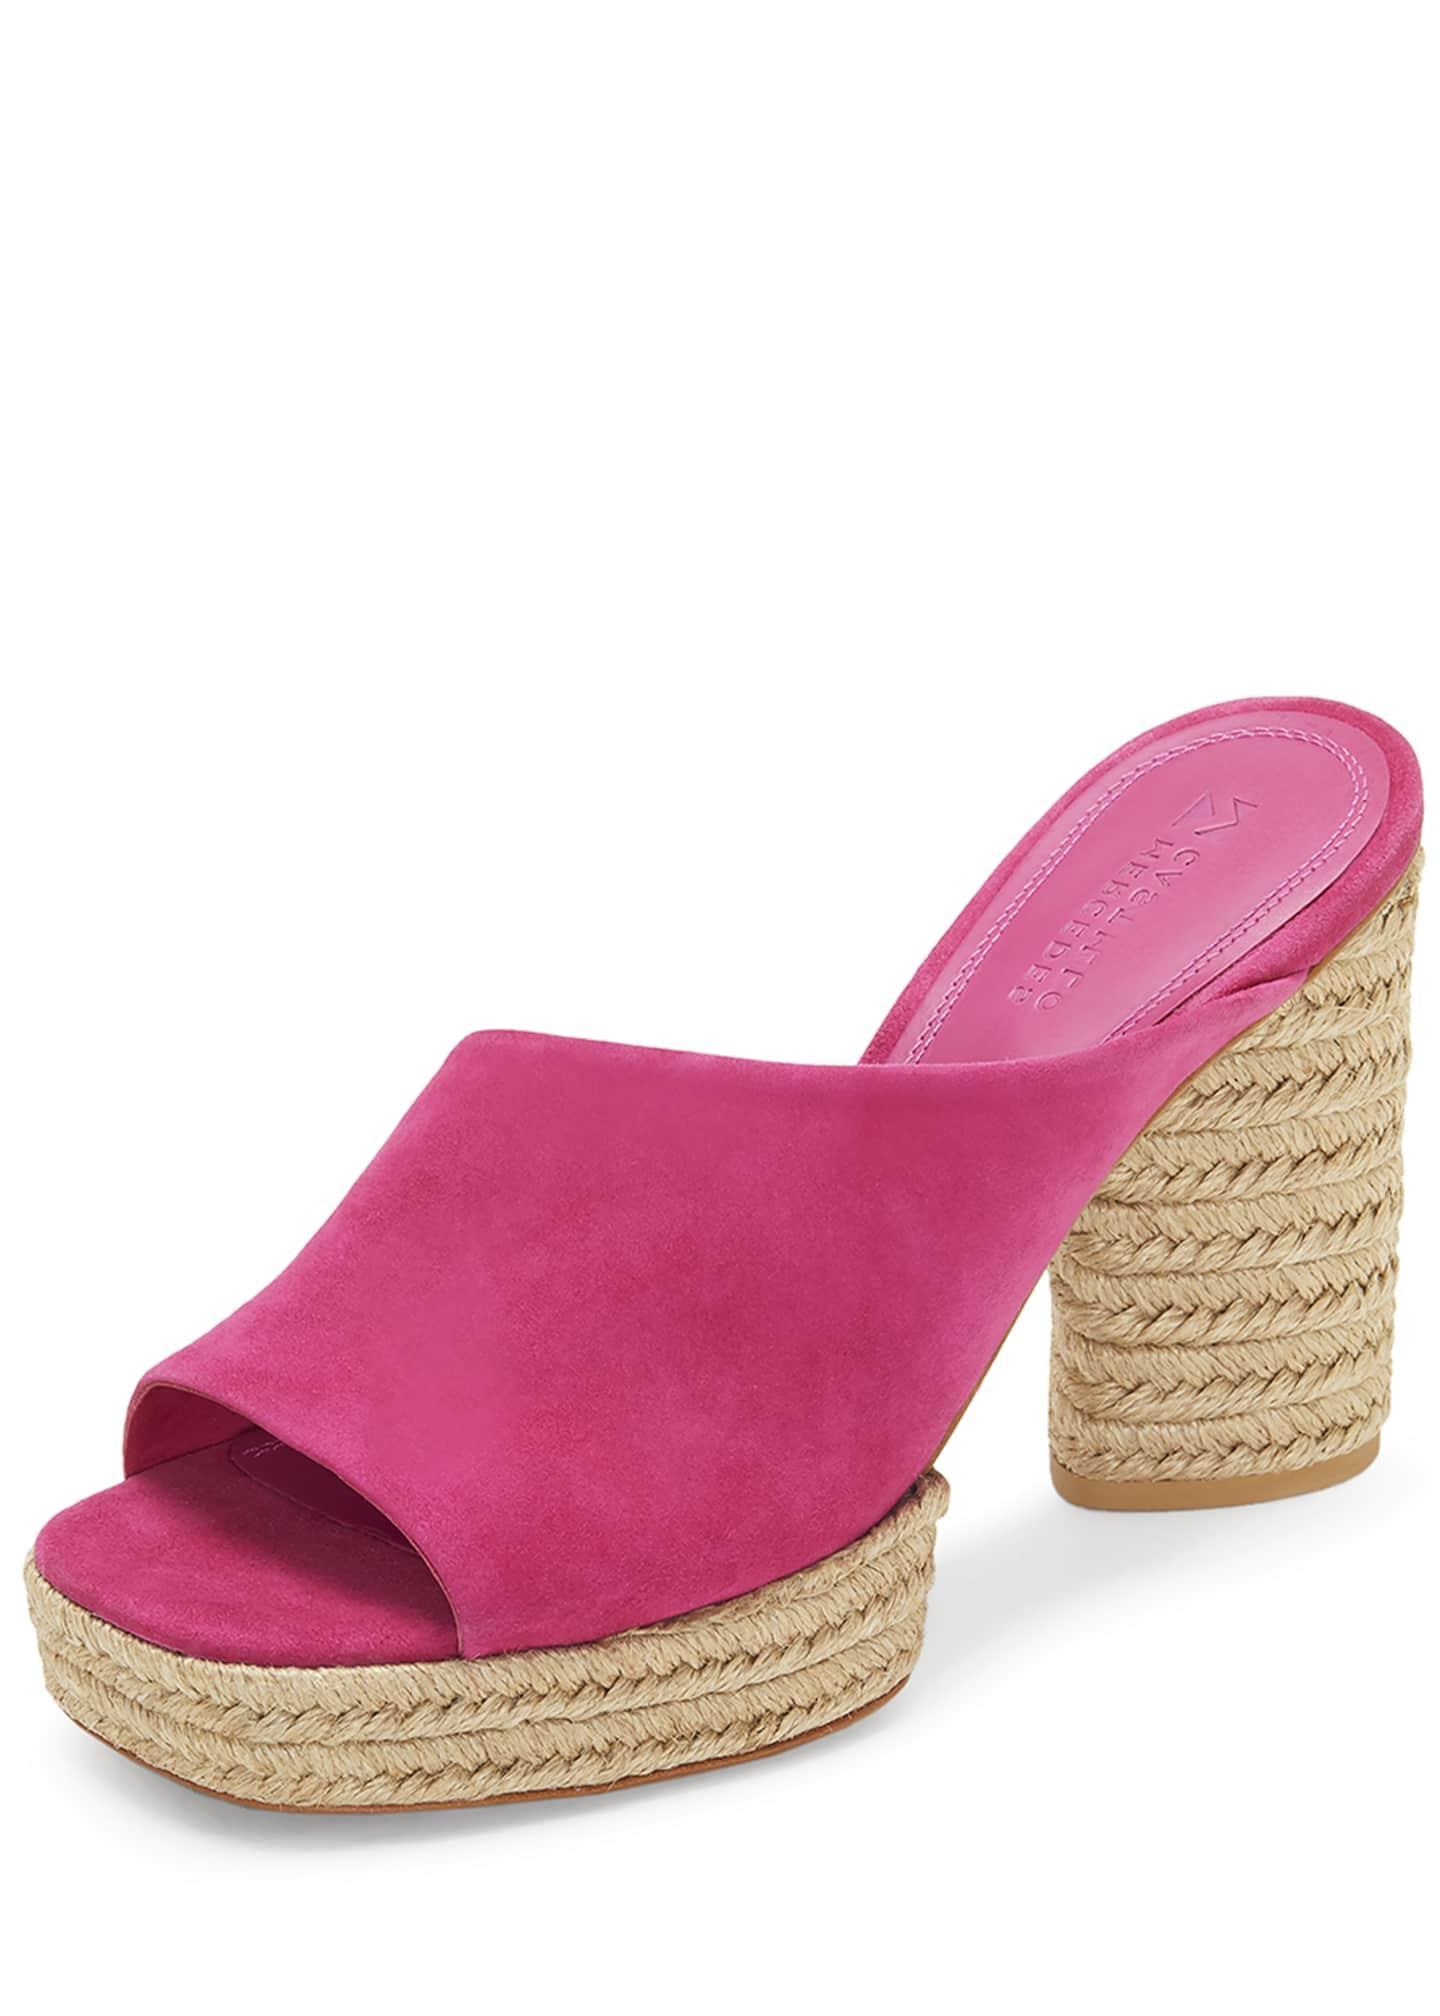 Mercedes Castillo Rocio Suede Braided-Platform Sandals